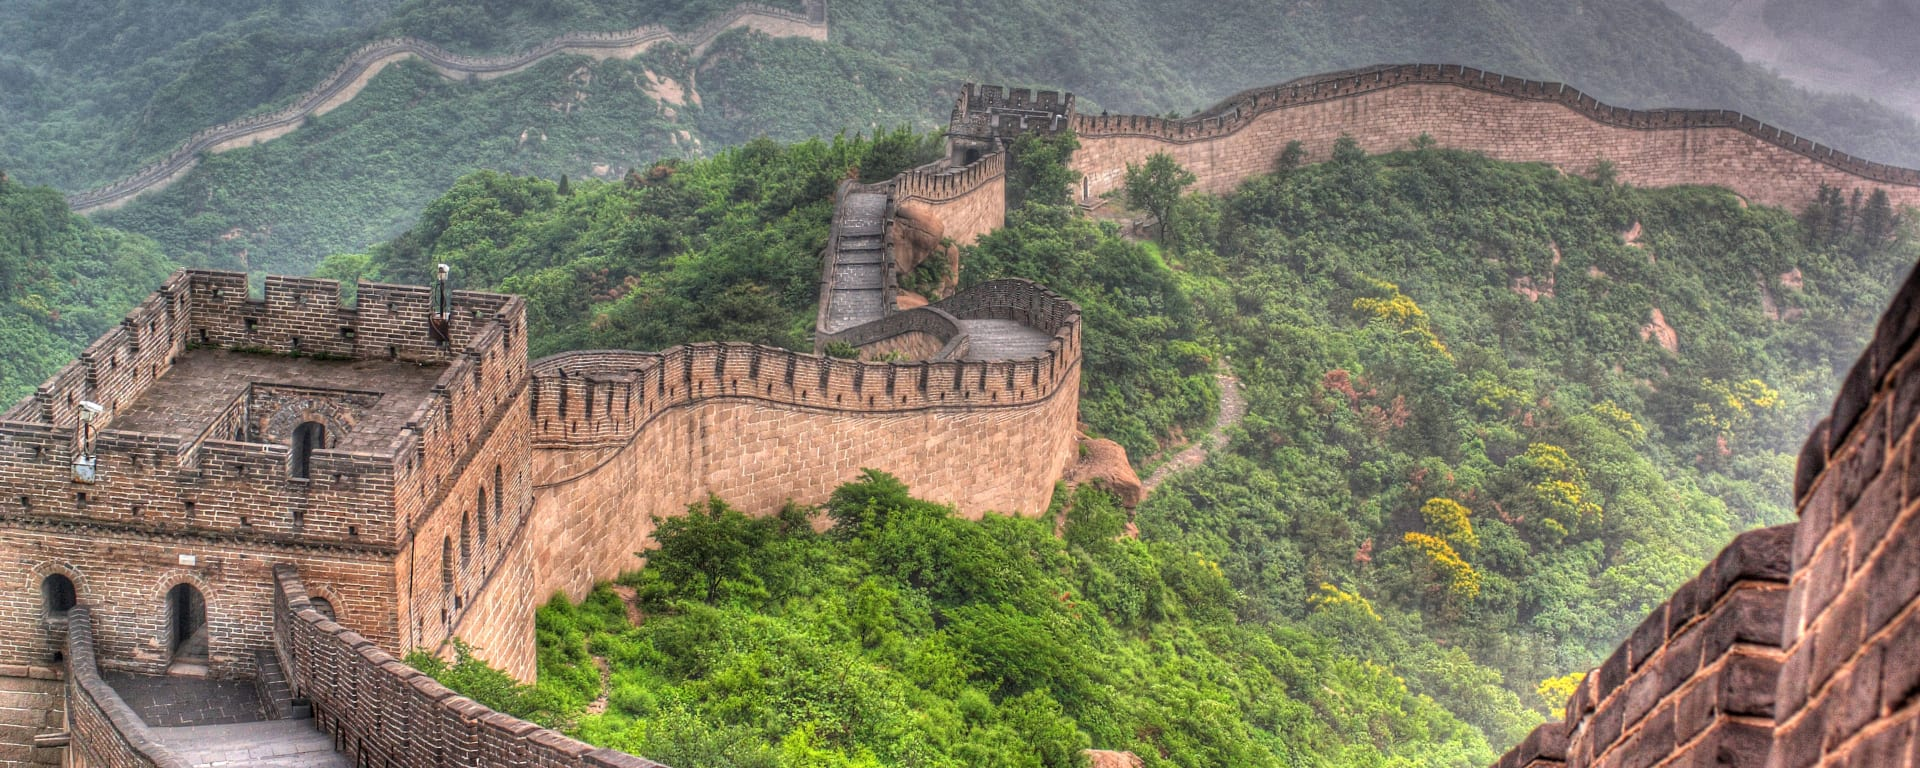 China entdecken mit Tischler Reisen: China Grosse Mauer